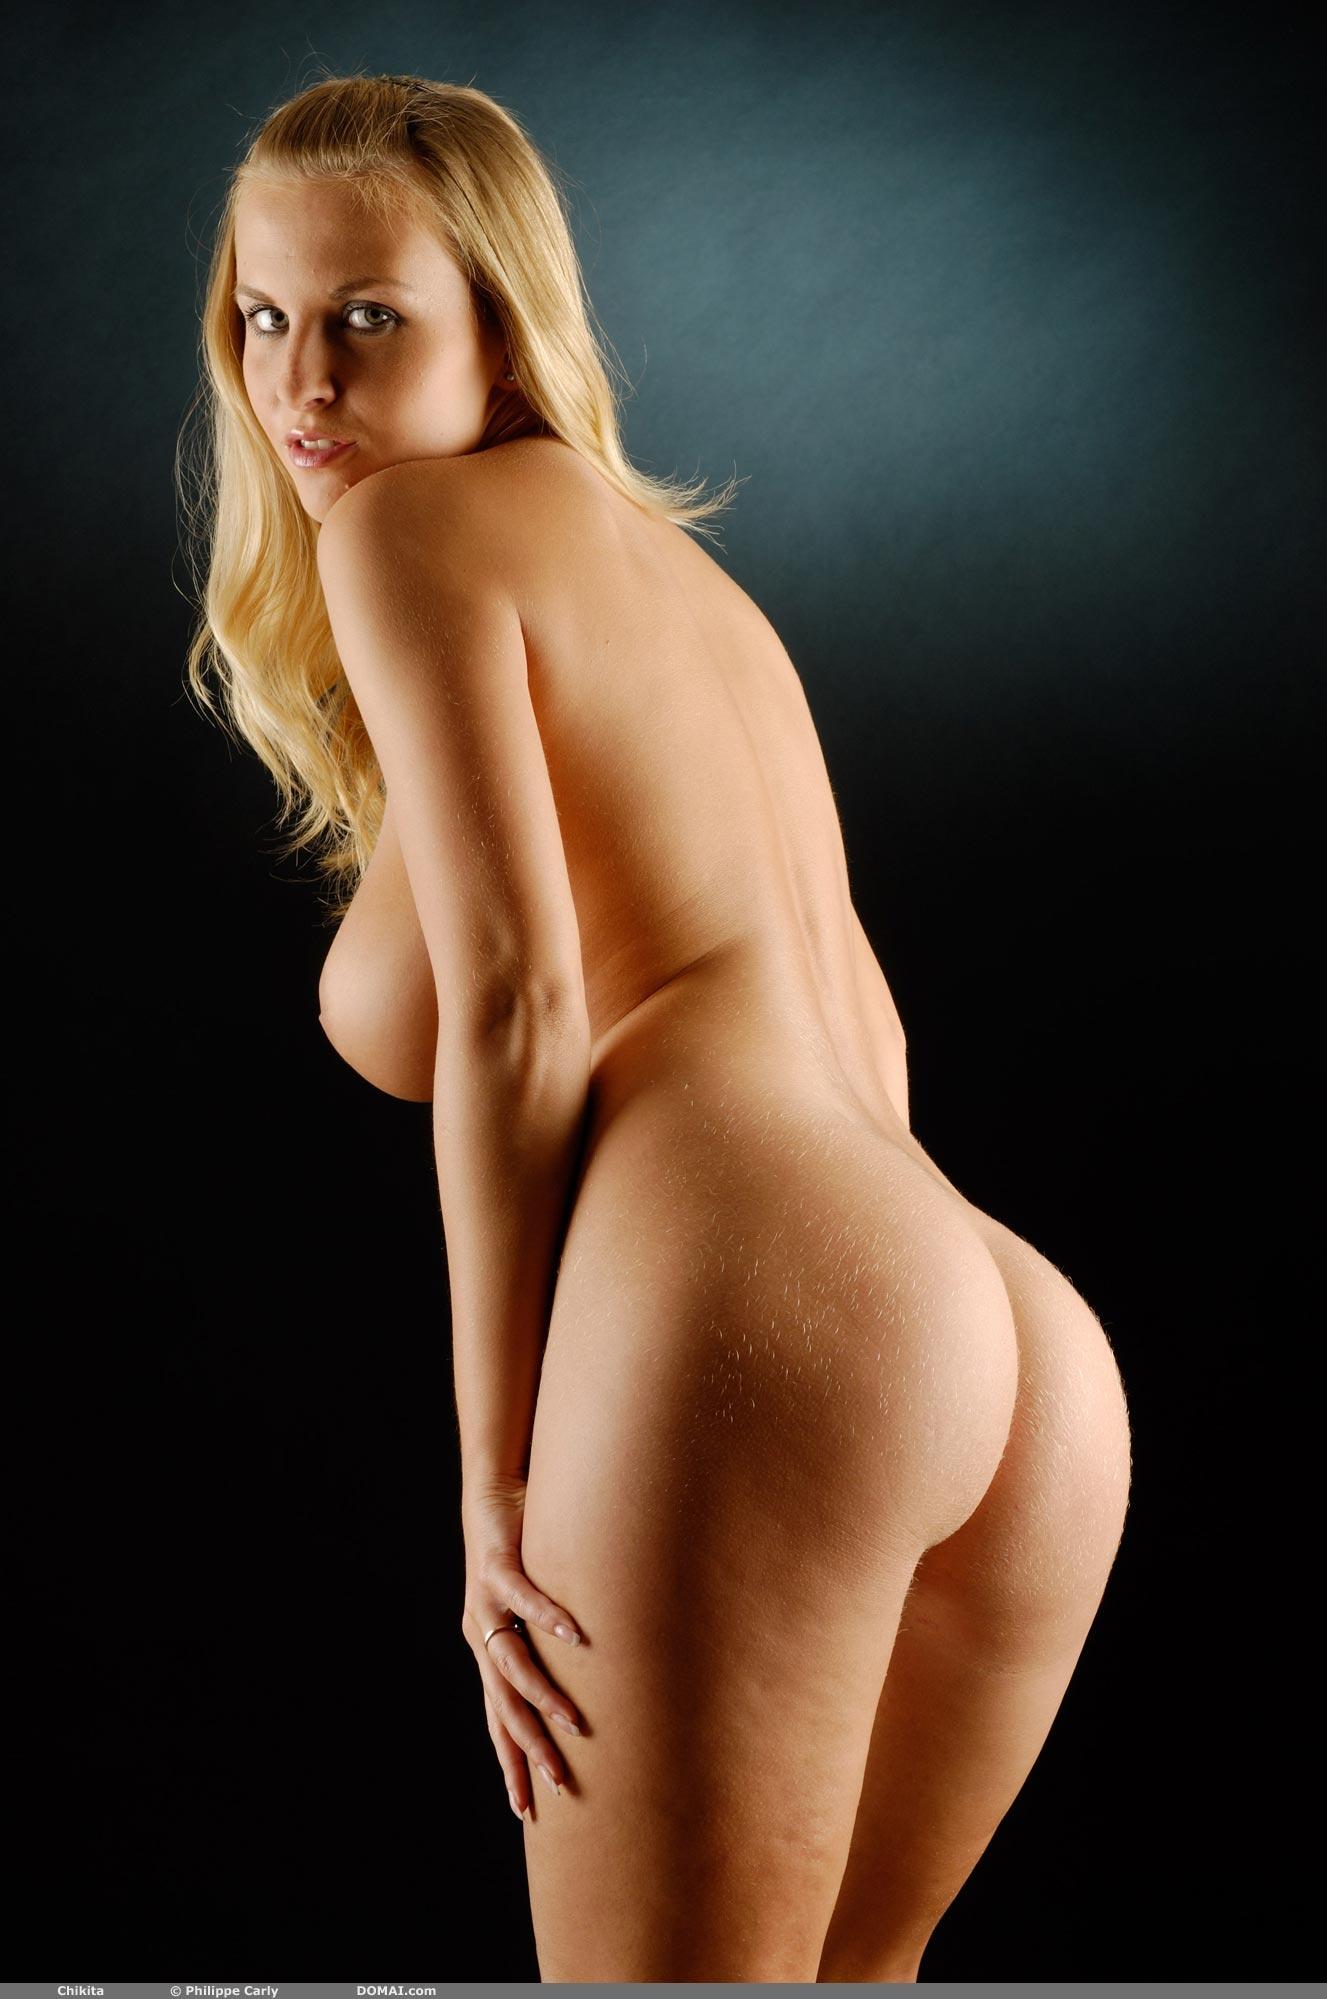 Beautiful nude women simple